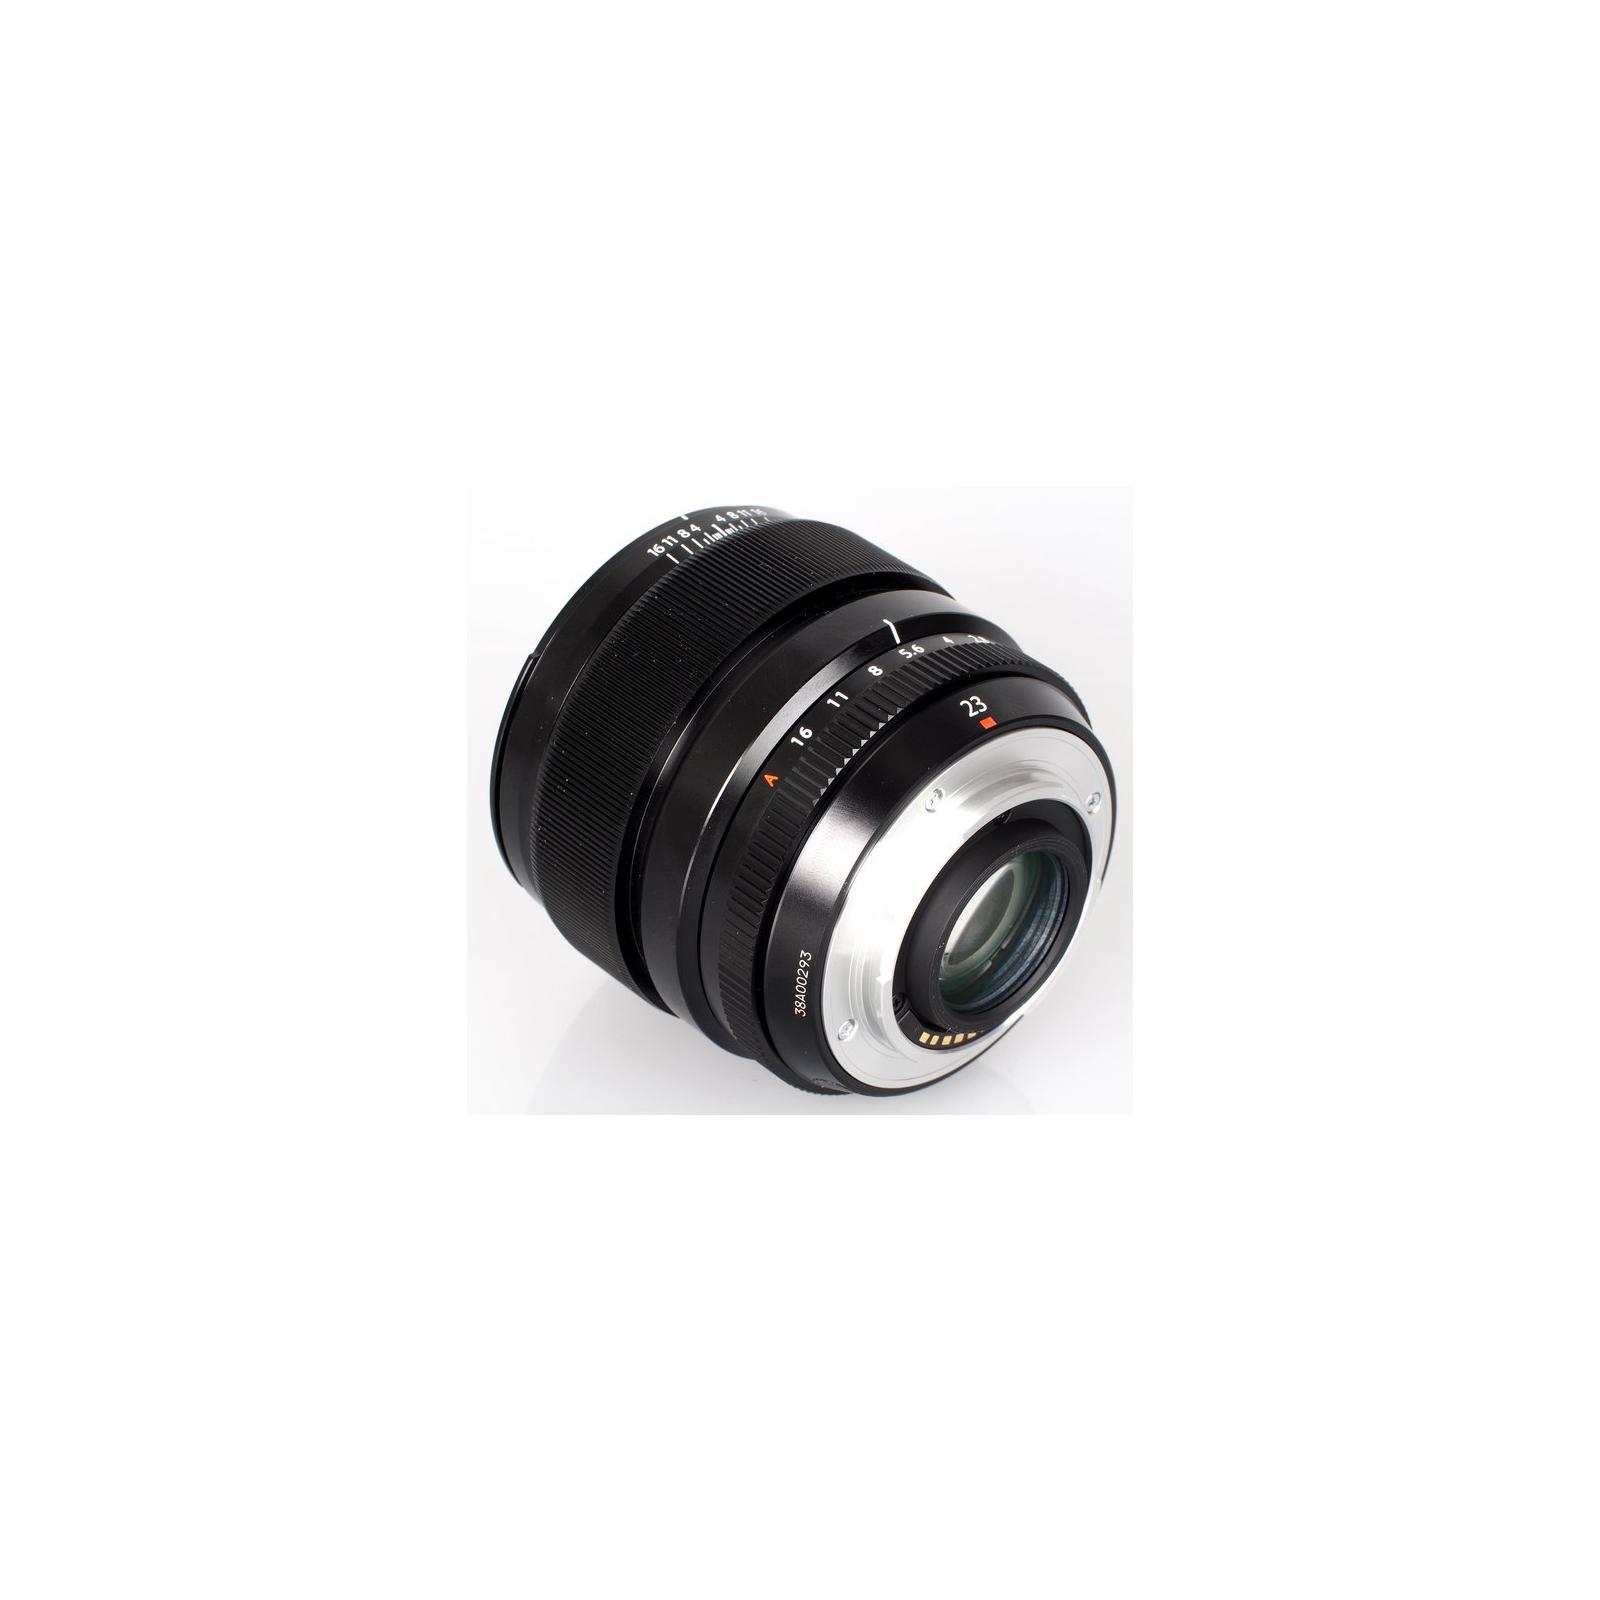 Объектив Fujifilm XF-23mm F1.4 R (16405575) изображение 4